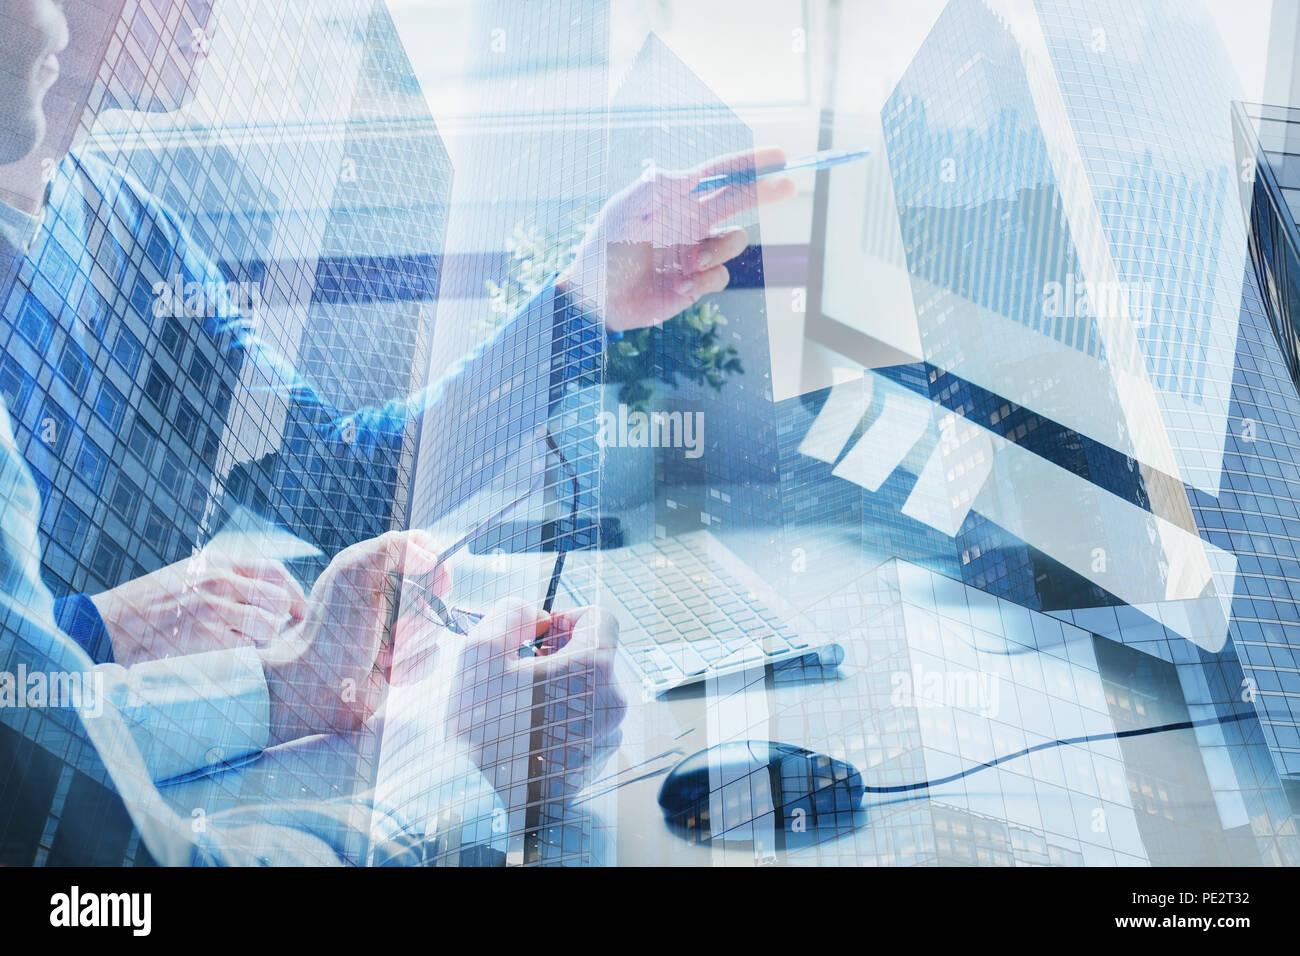 Business e innovazione tecnologica, brainstorming o il concetto di collaborazione, doppia esposizione dei team di lavoro in un ufficio moderno Immagini Stock